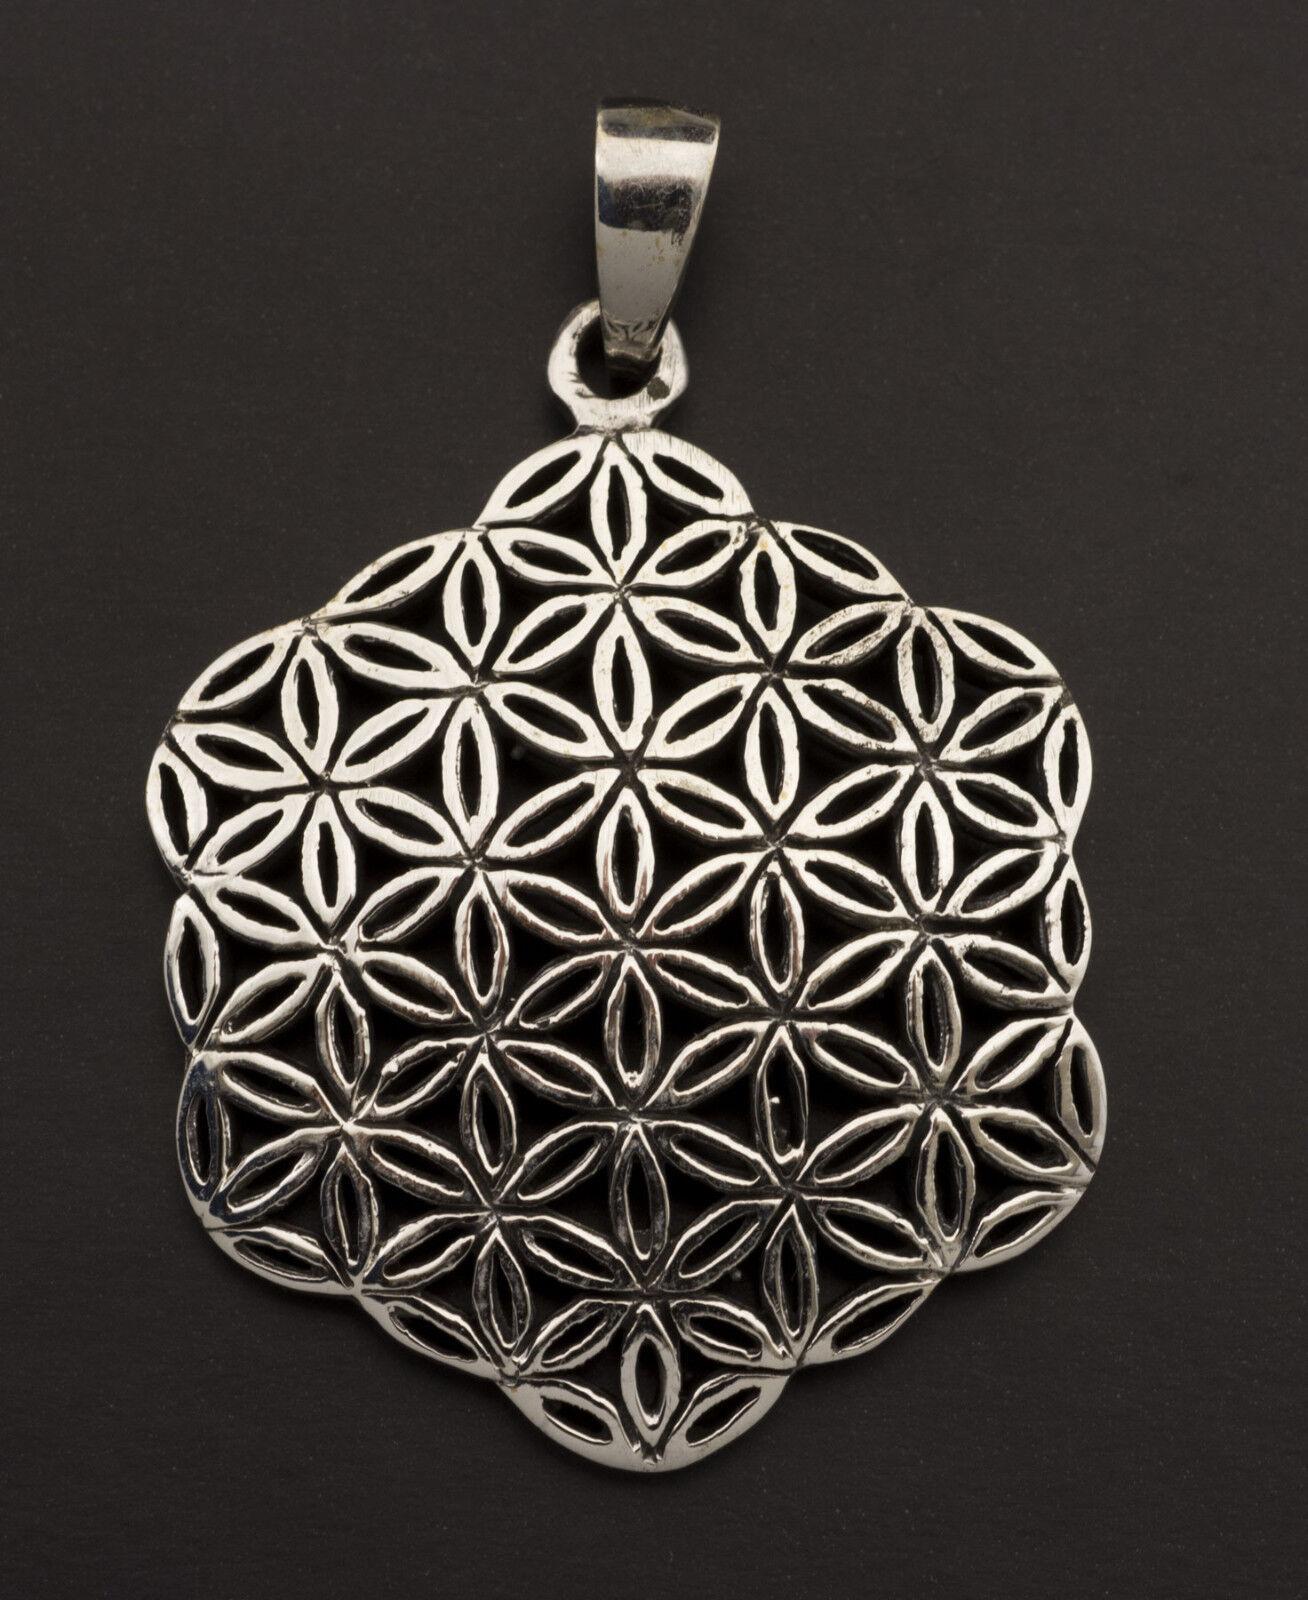 Pendentif geometrie Sacree Sri Yantra-silver 925-9.4g-mandala fleur de vie 25882